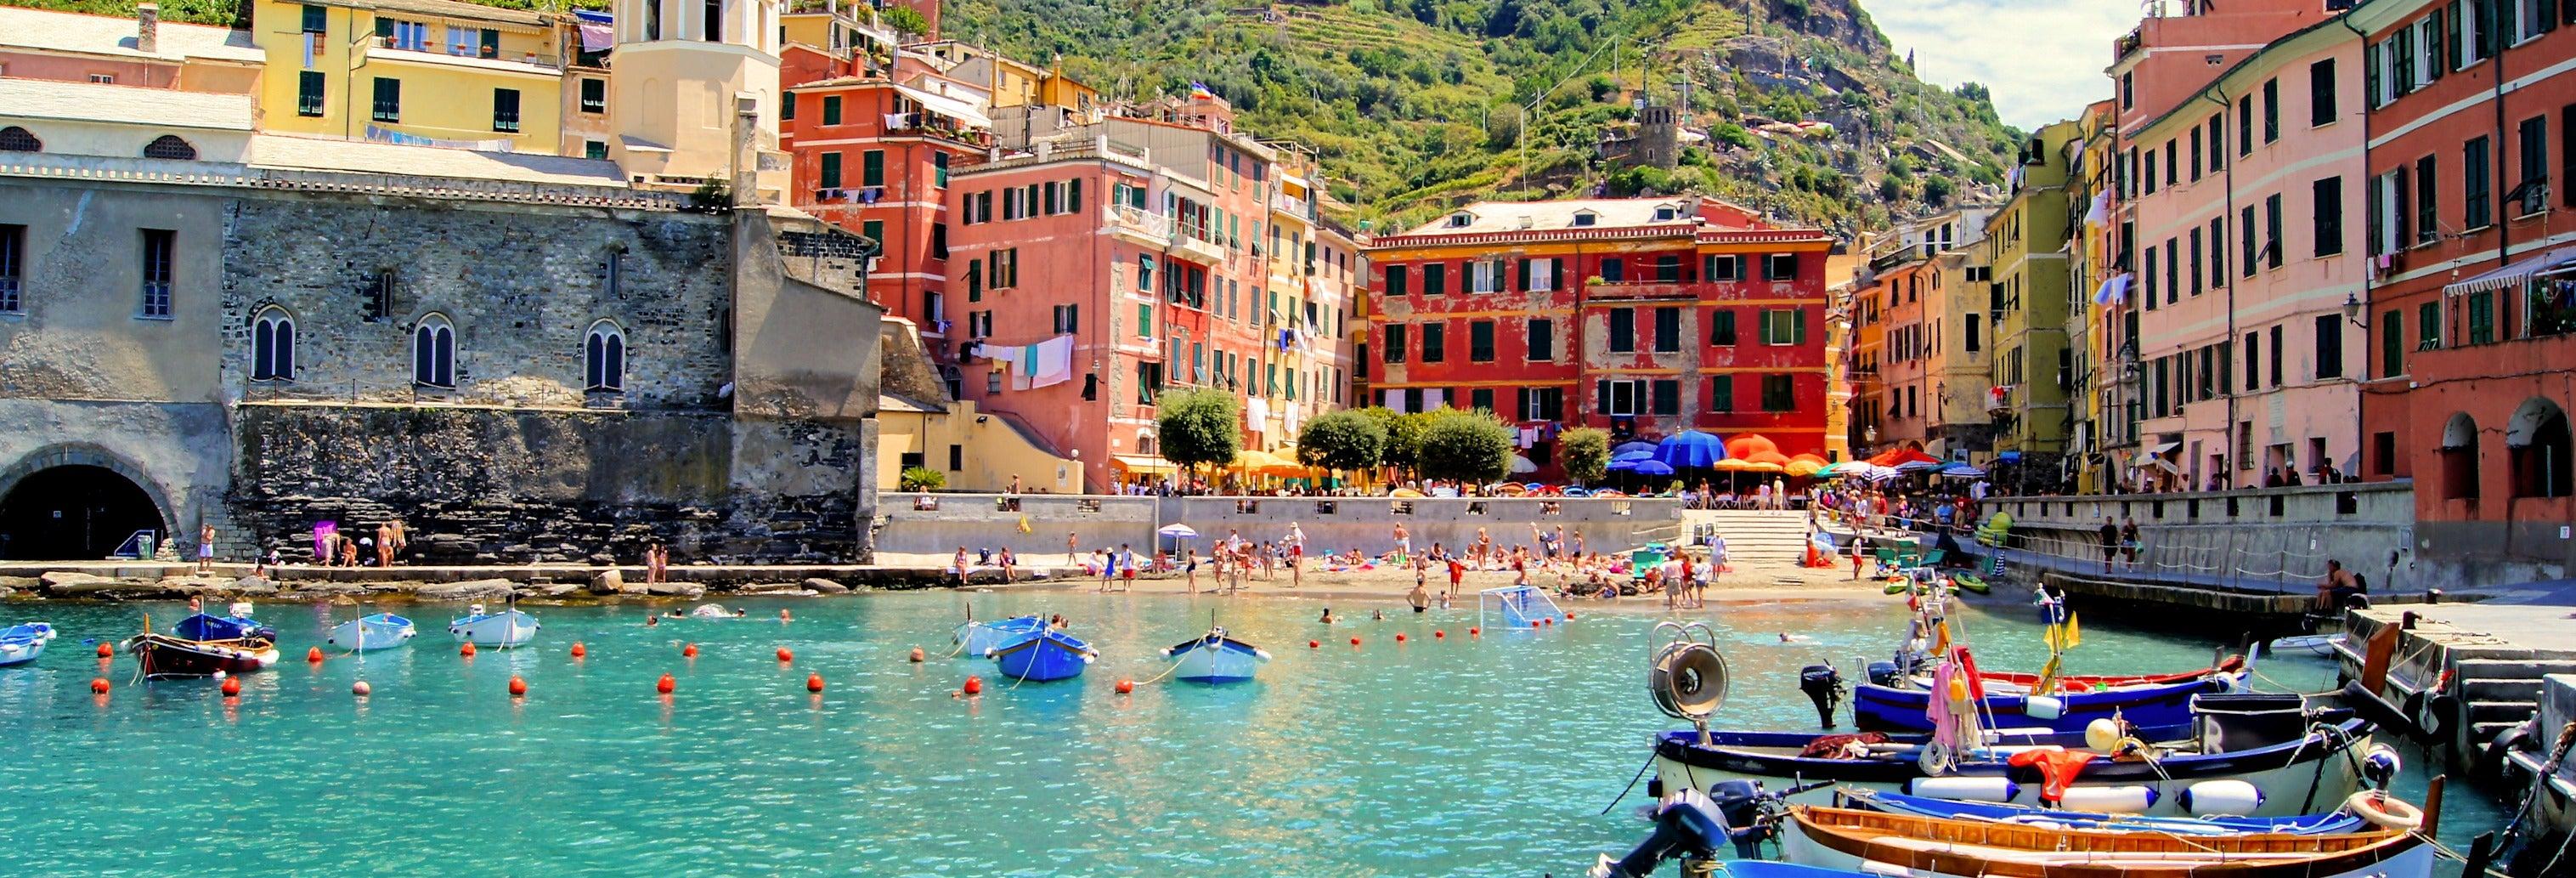 Excursão as Cinque Terre